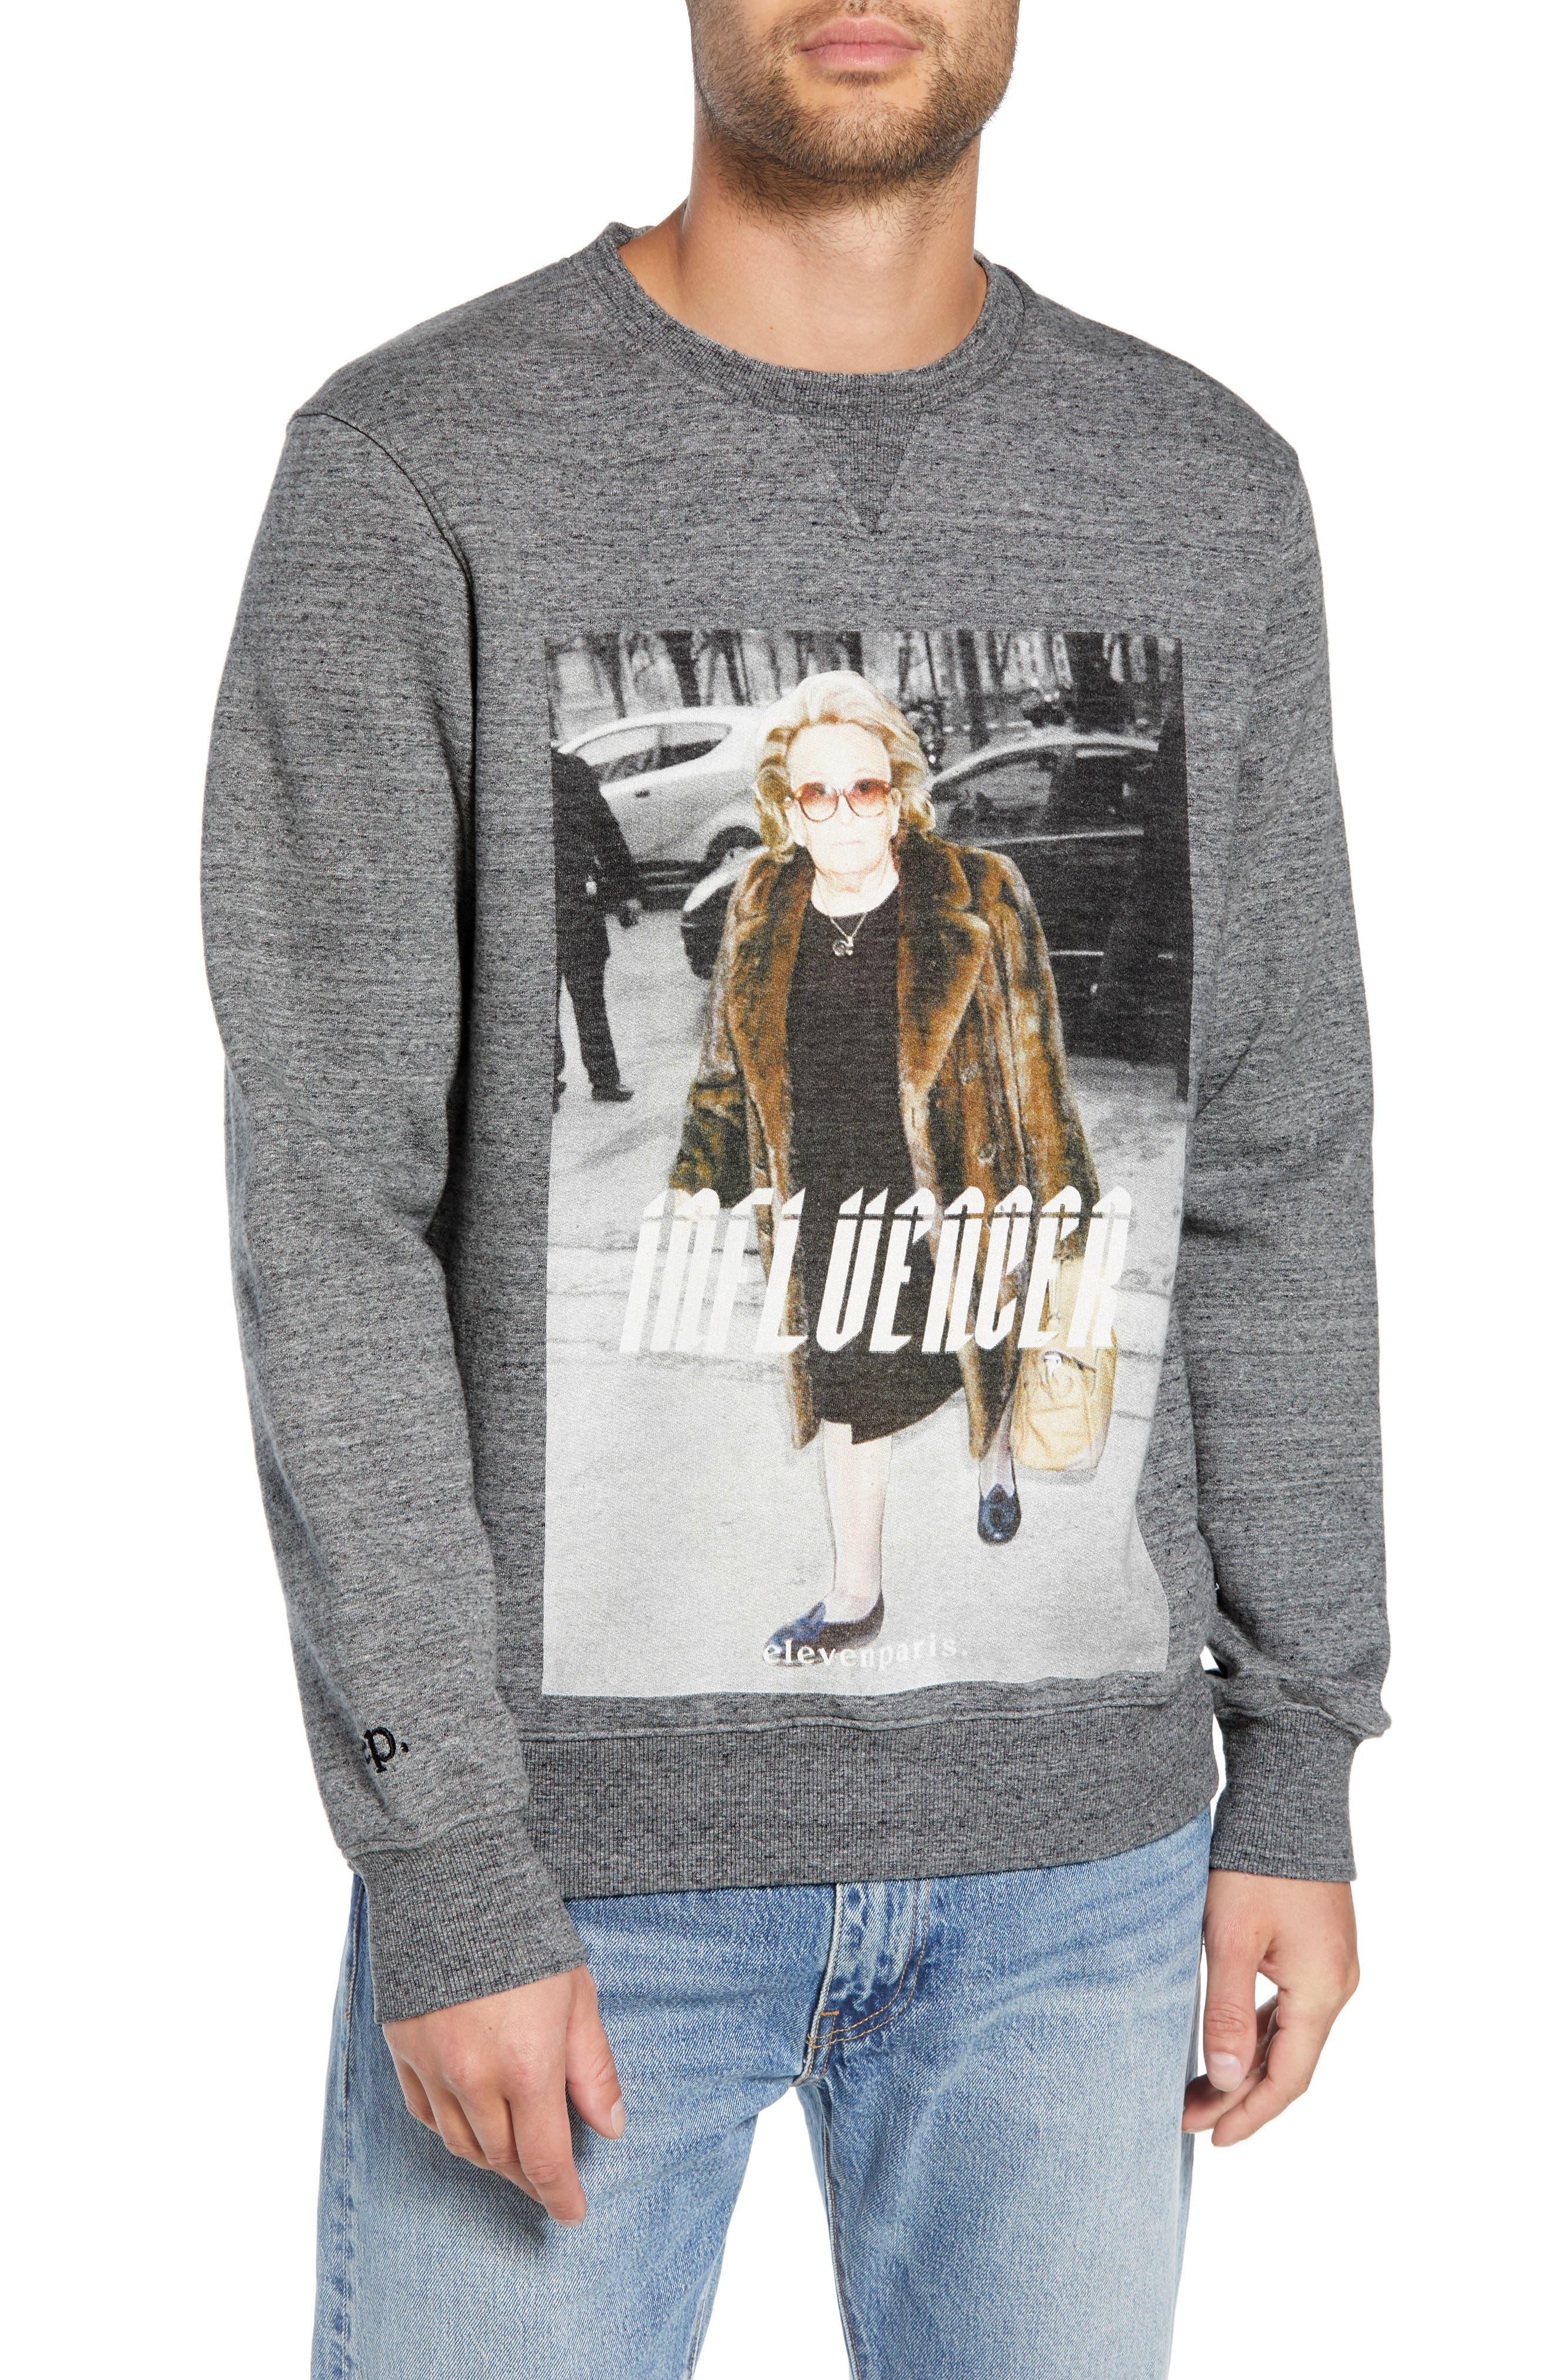 ELEVENPARIS Influencer Graphic Sweatshirt in Grey